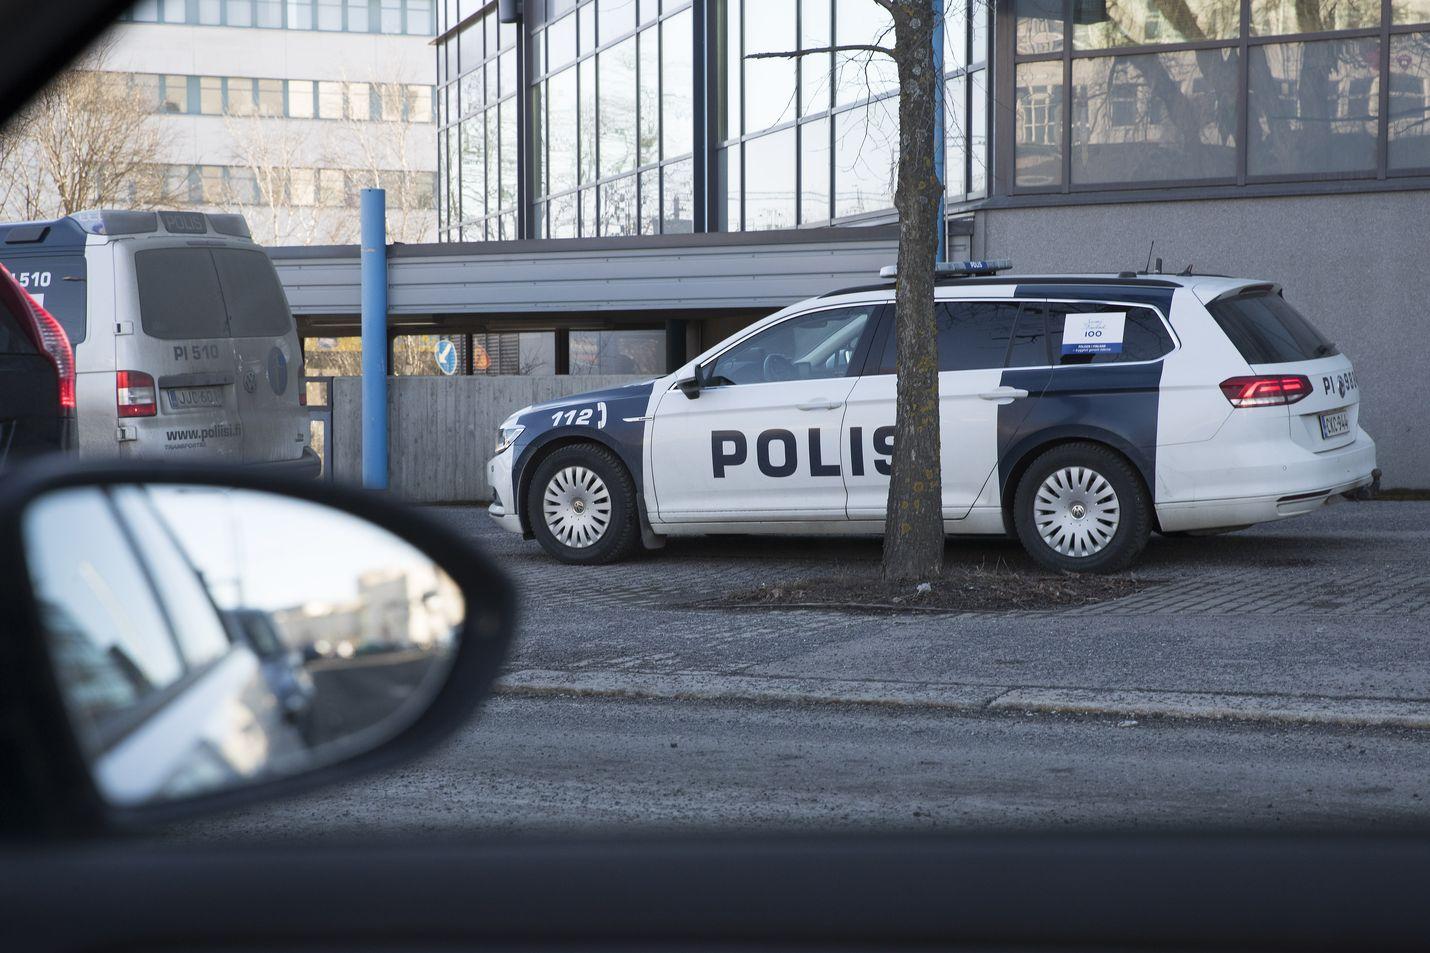 Poliisi pyrkii kohti sähköistä autokantaa. Tekniikka ei kuitenkaan sen mukaan mahdollista operatiivisen kaluston sähköistämistä aivan vielä.